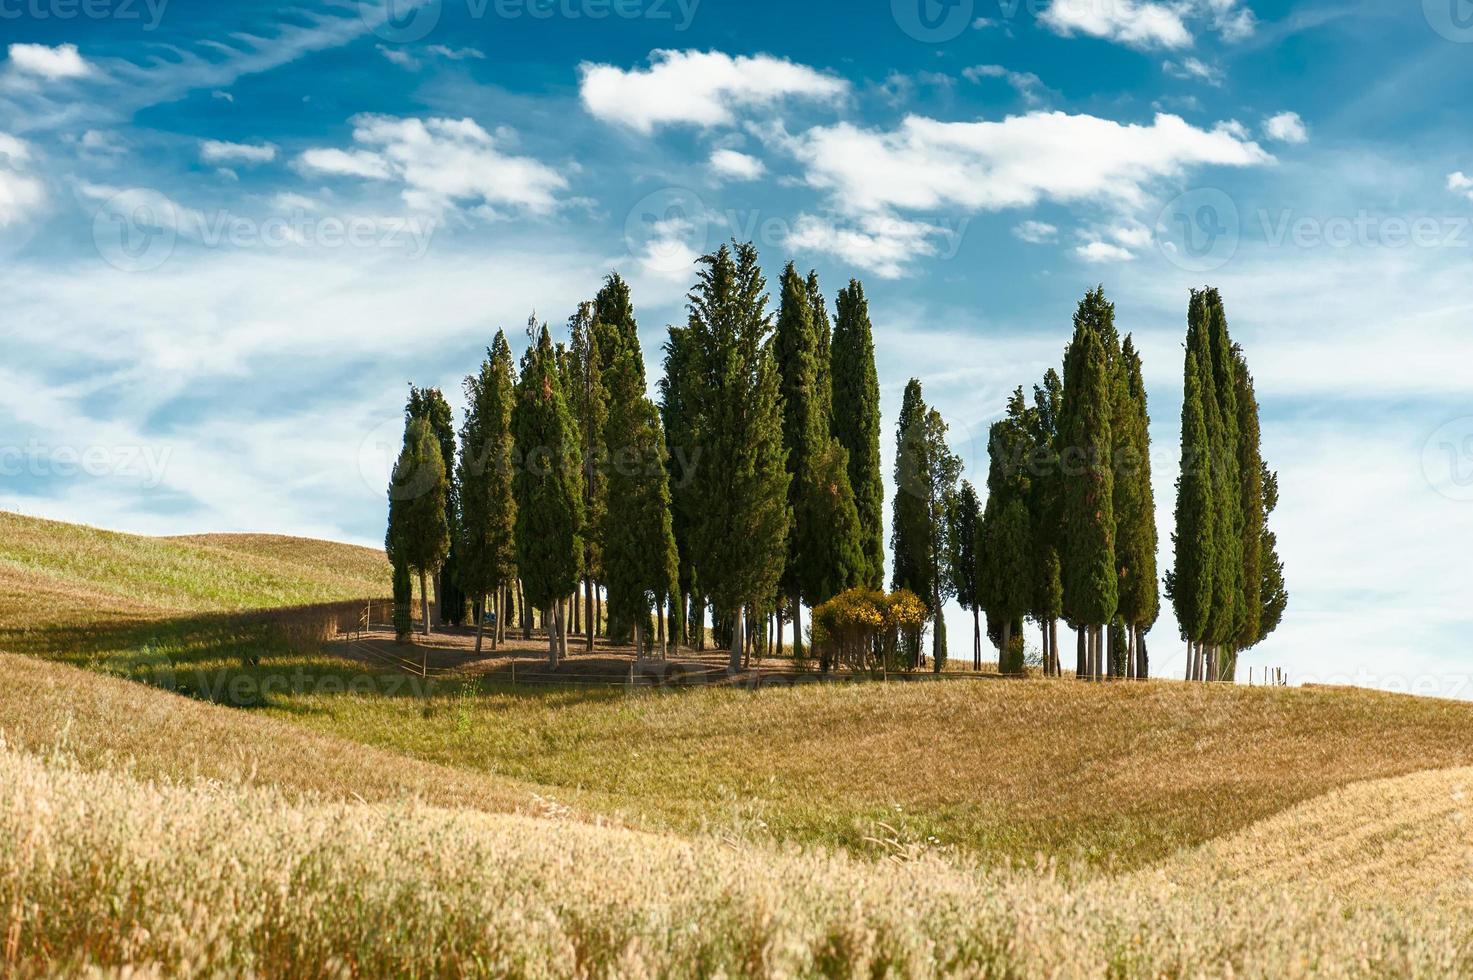 cipressen landschap foto